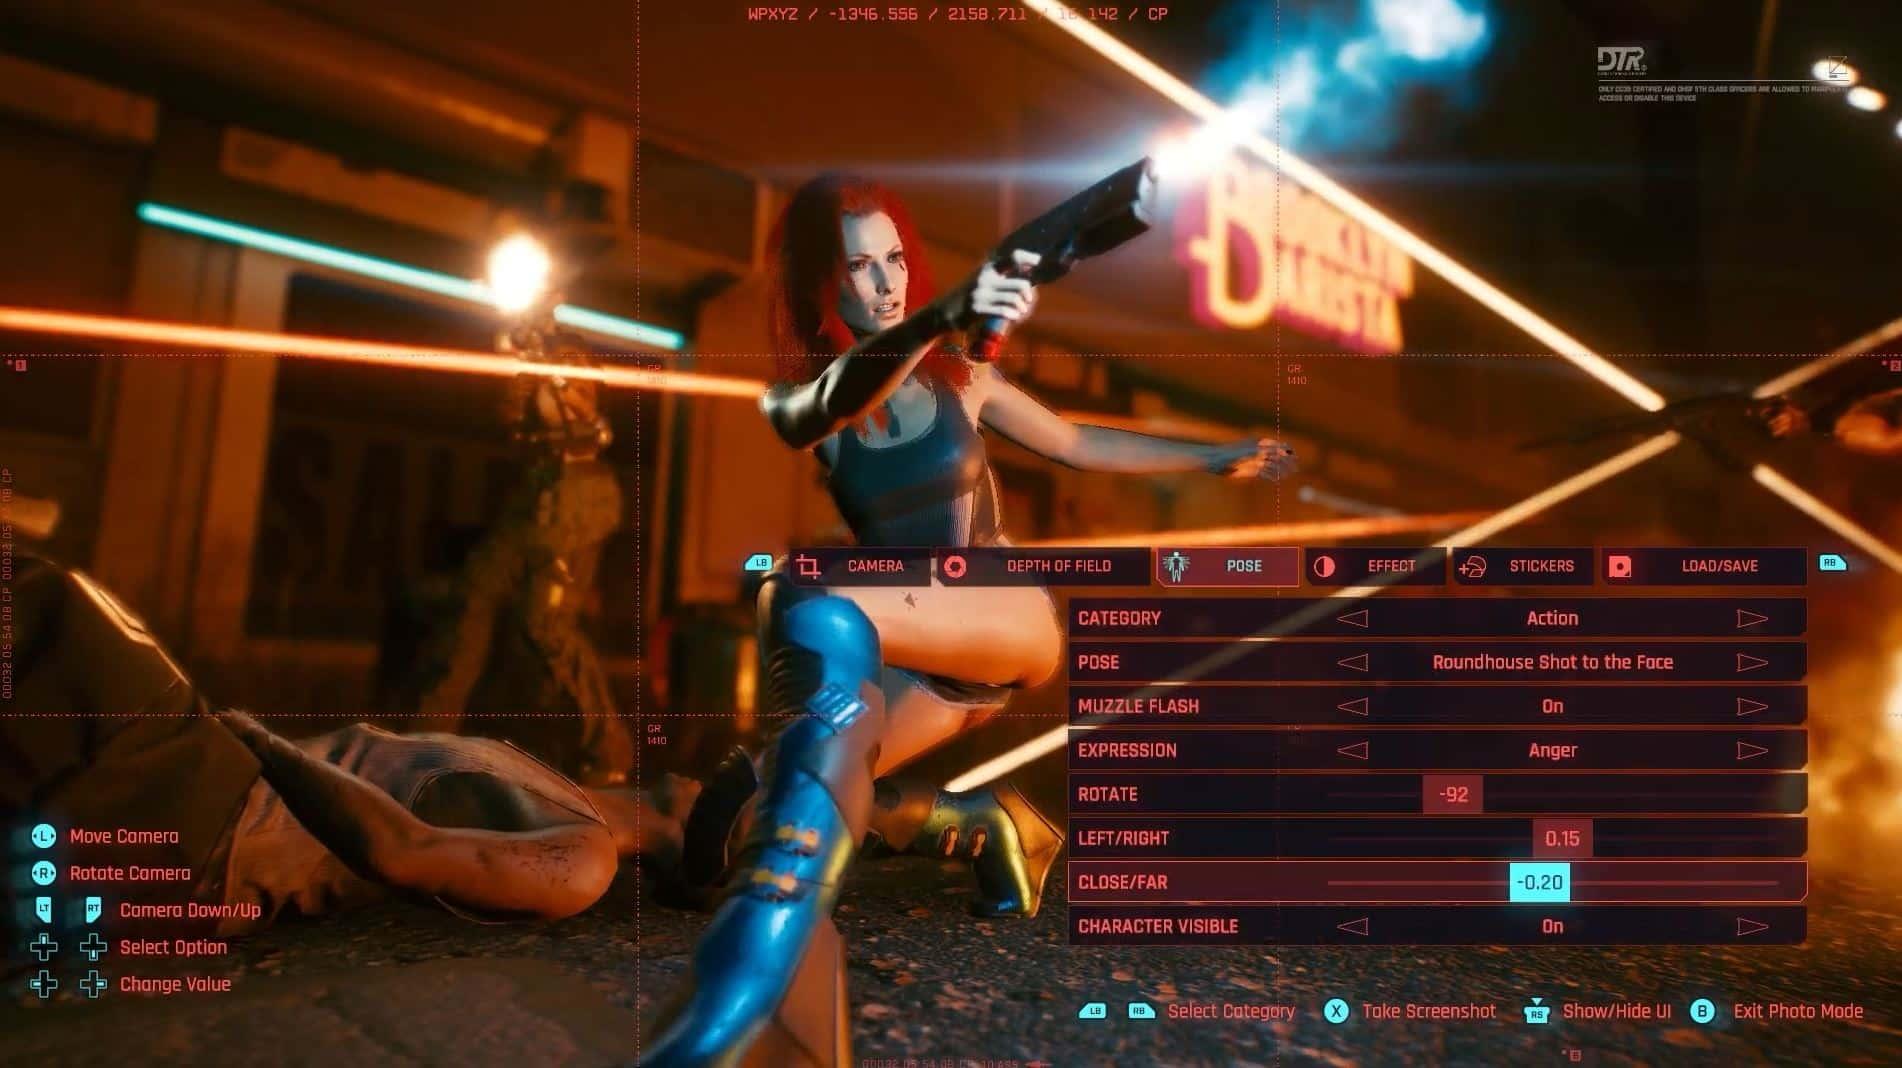 ,Cyberpunk 2077: Revelado el nuevo Modo FOTO Modo de fotografía Cyberpunk 2077 (Fuente: Cyberpunk 2077 en YouTube)